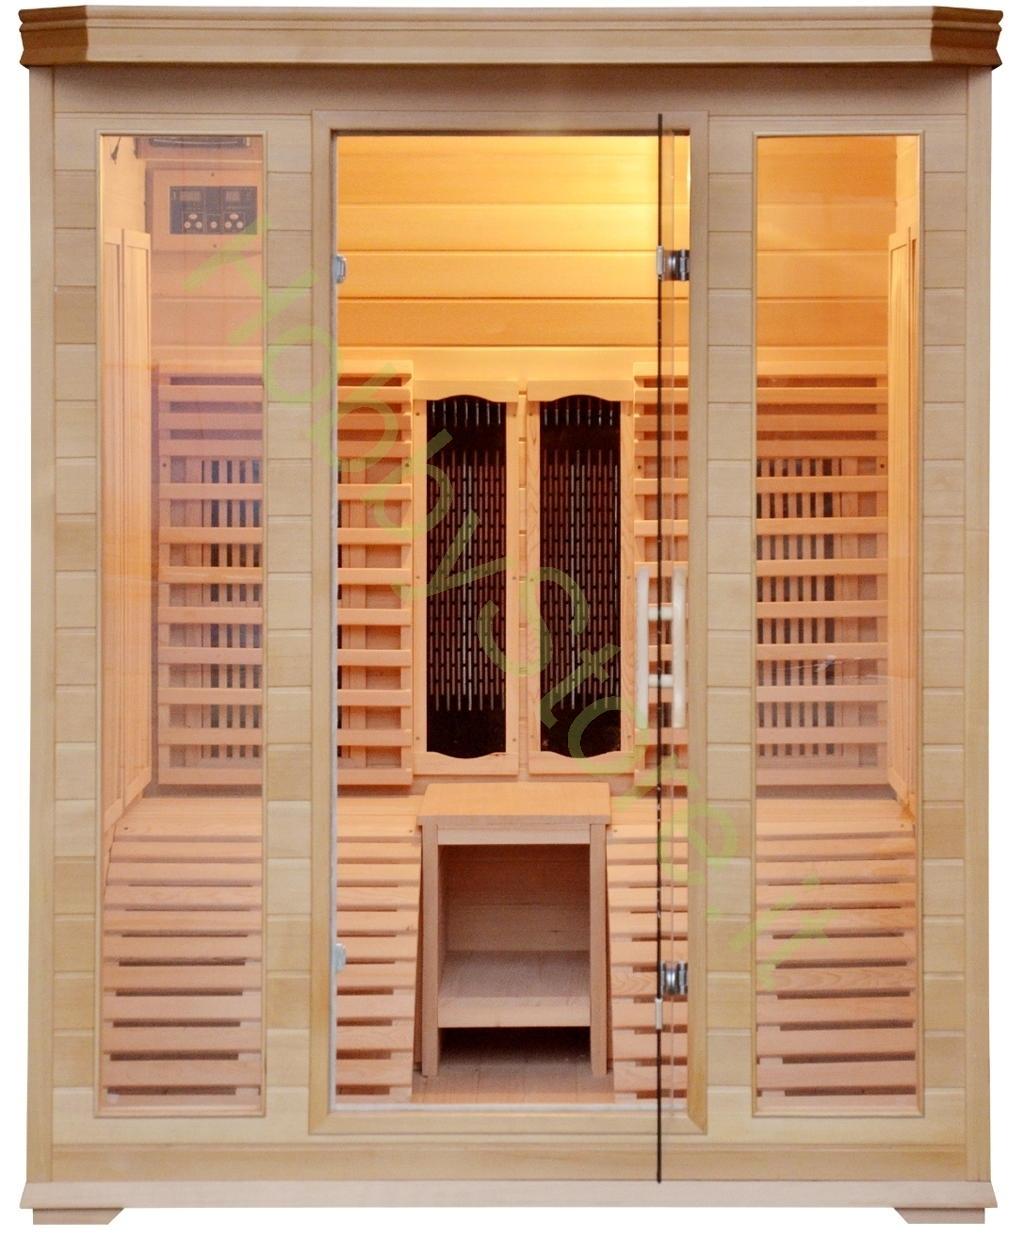 Gallery of la mostra il quadro x sauna irradiante pr cg - Costo sauna in casa ...